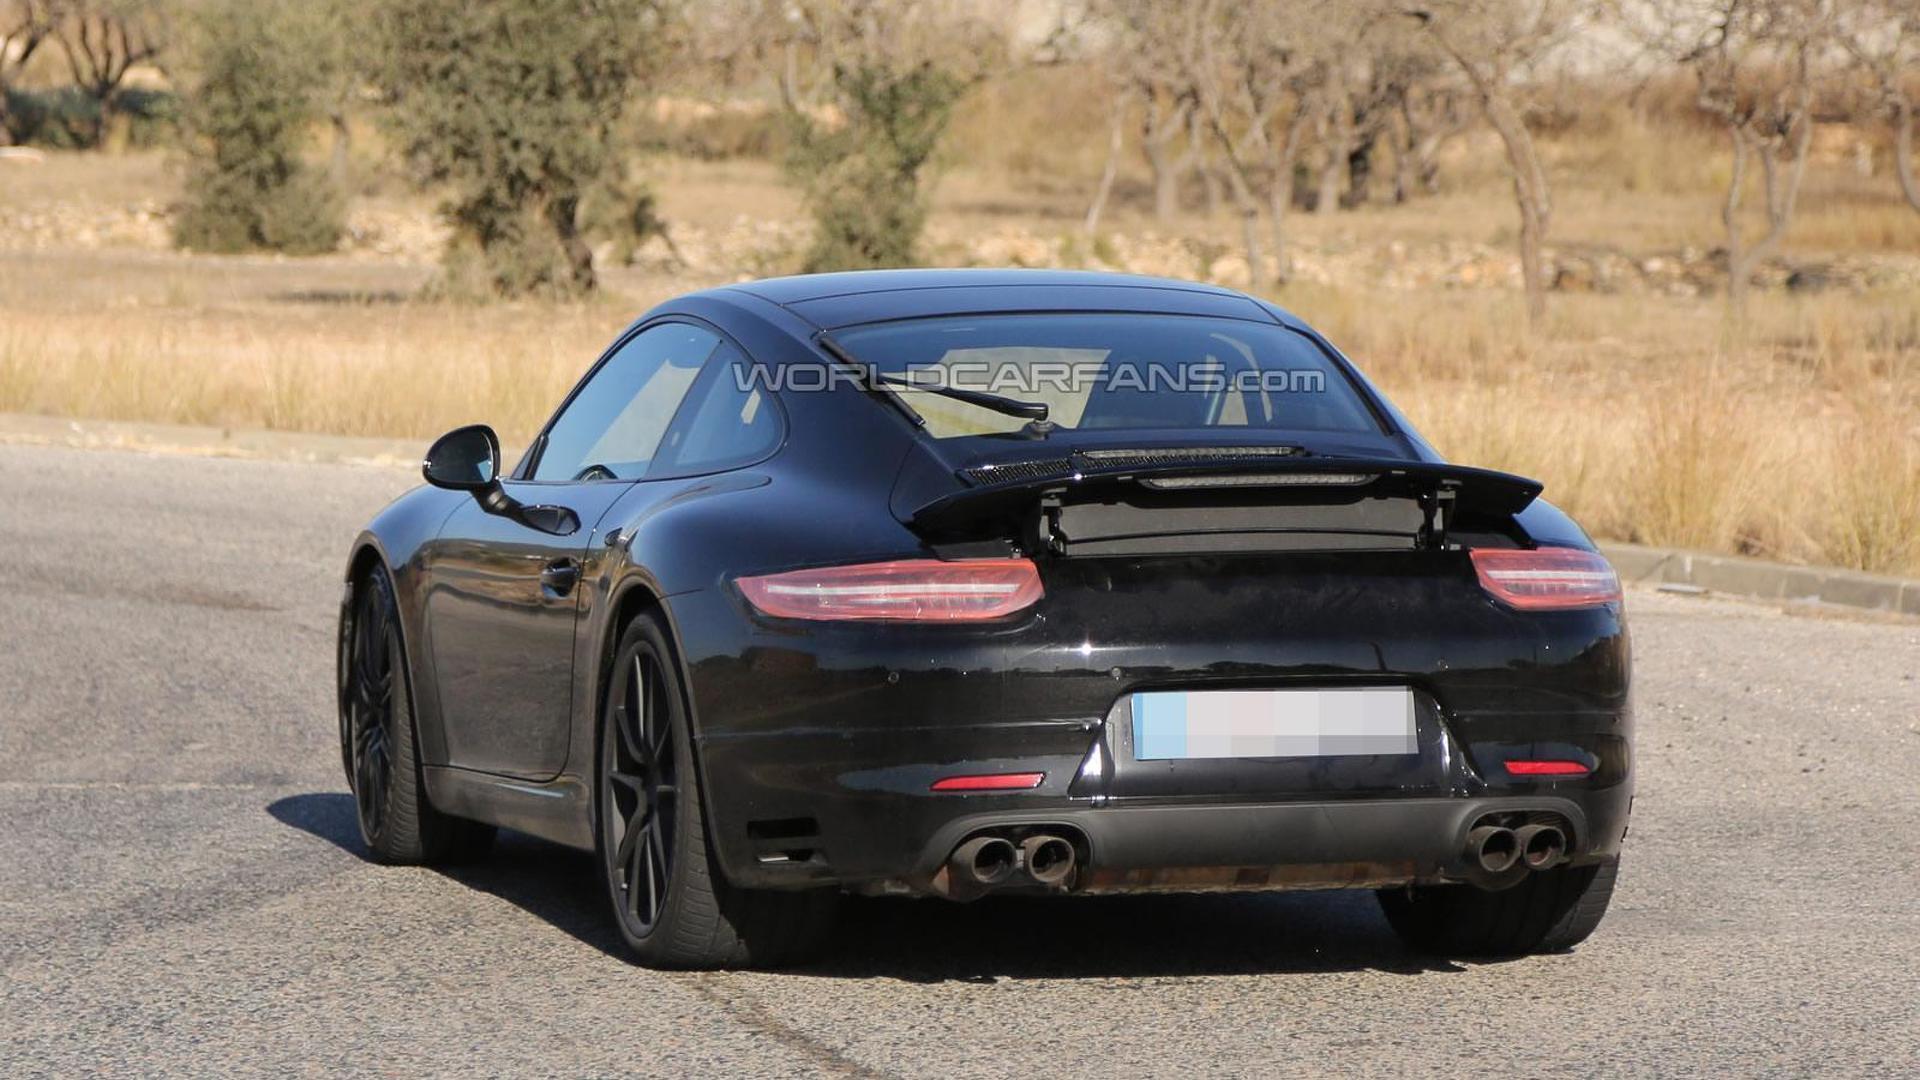 2015 Porsche 911 / 911 GTS spied again